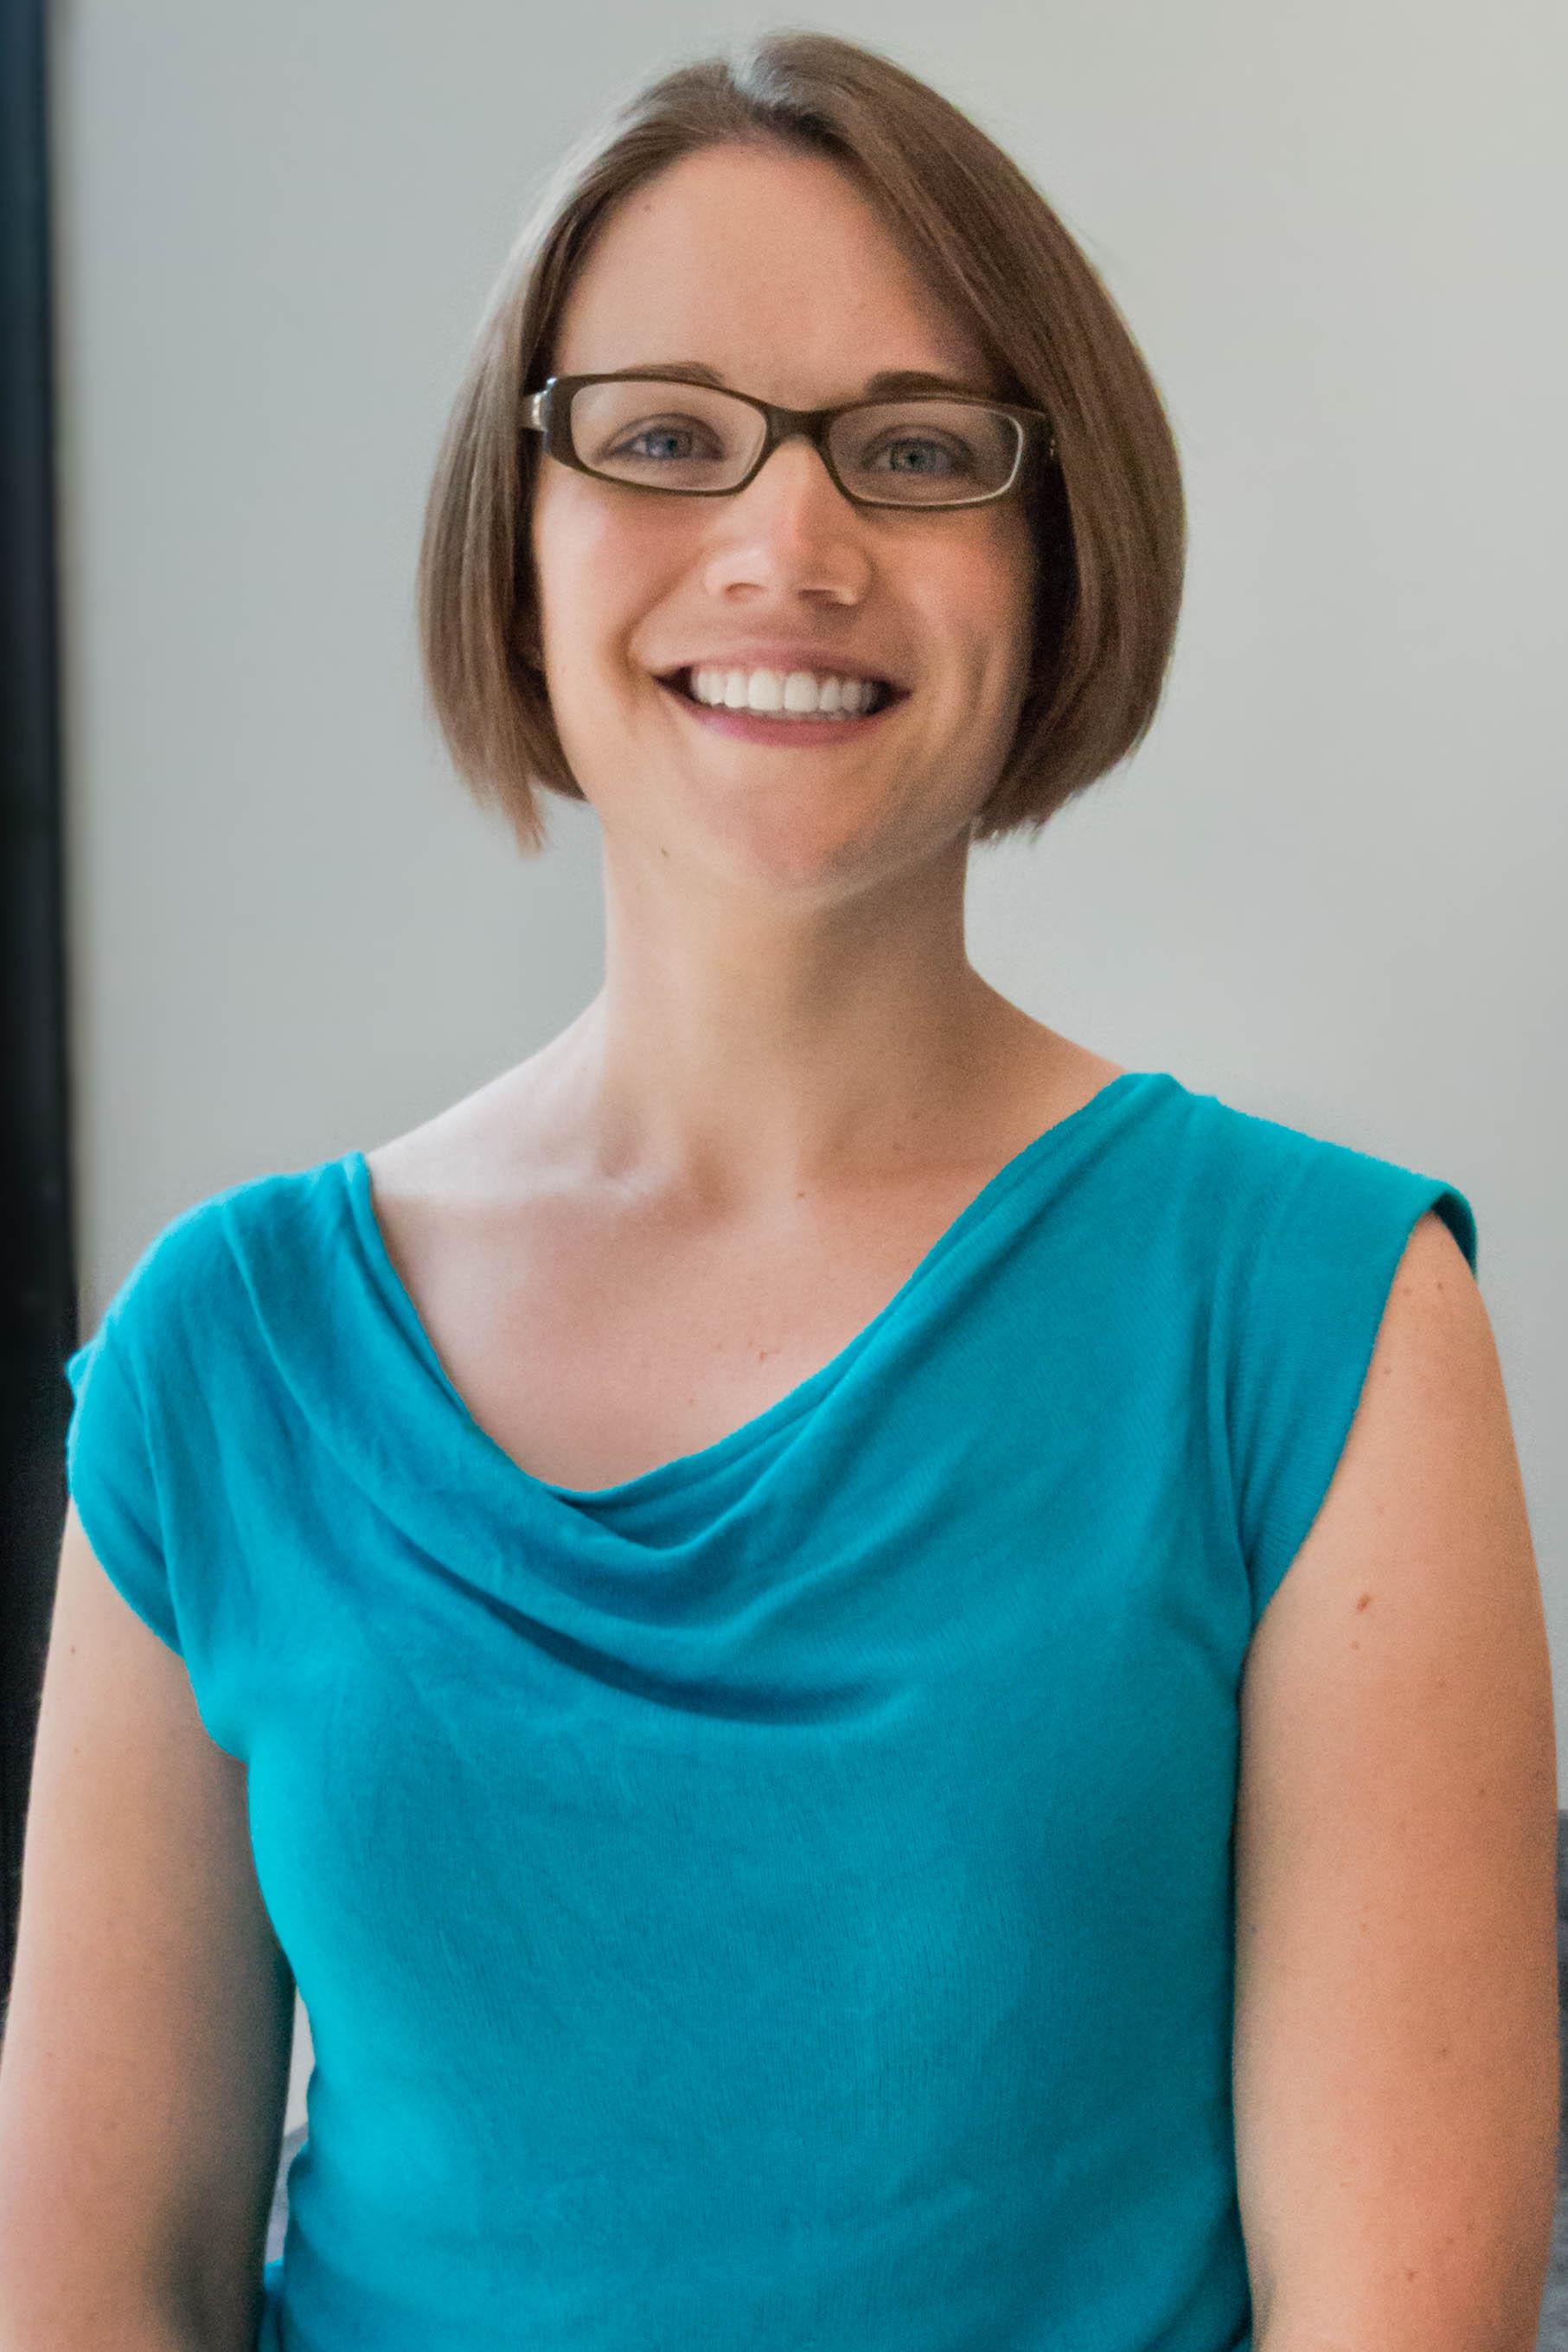 Melanie Conrardy